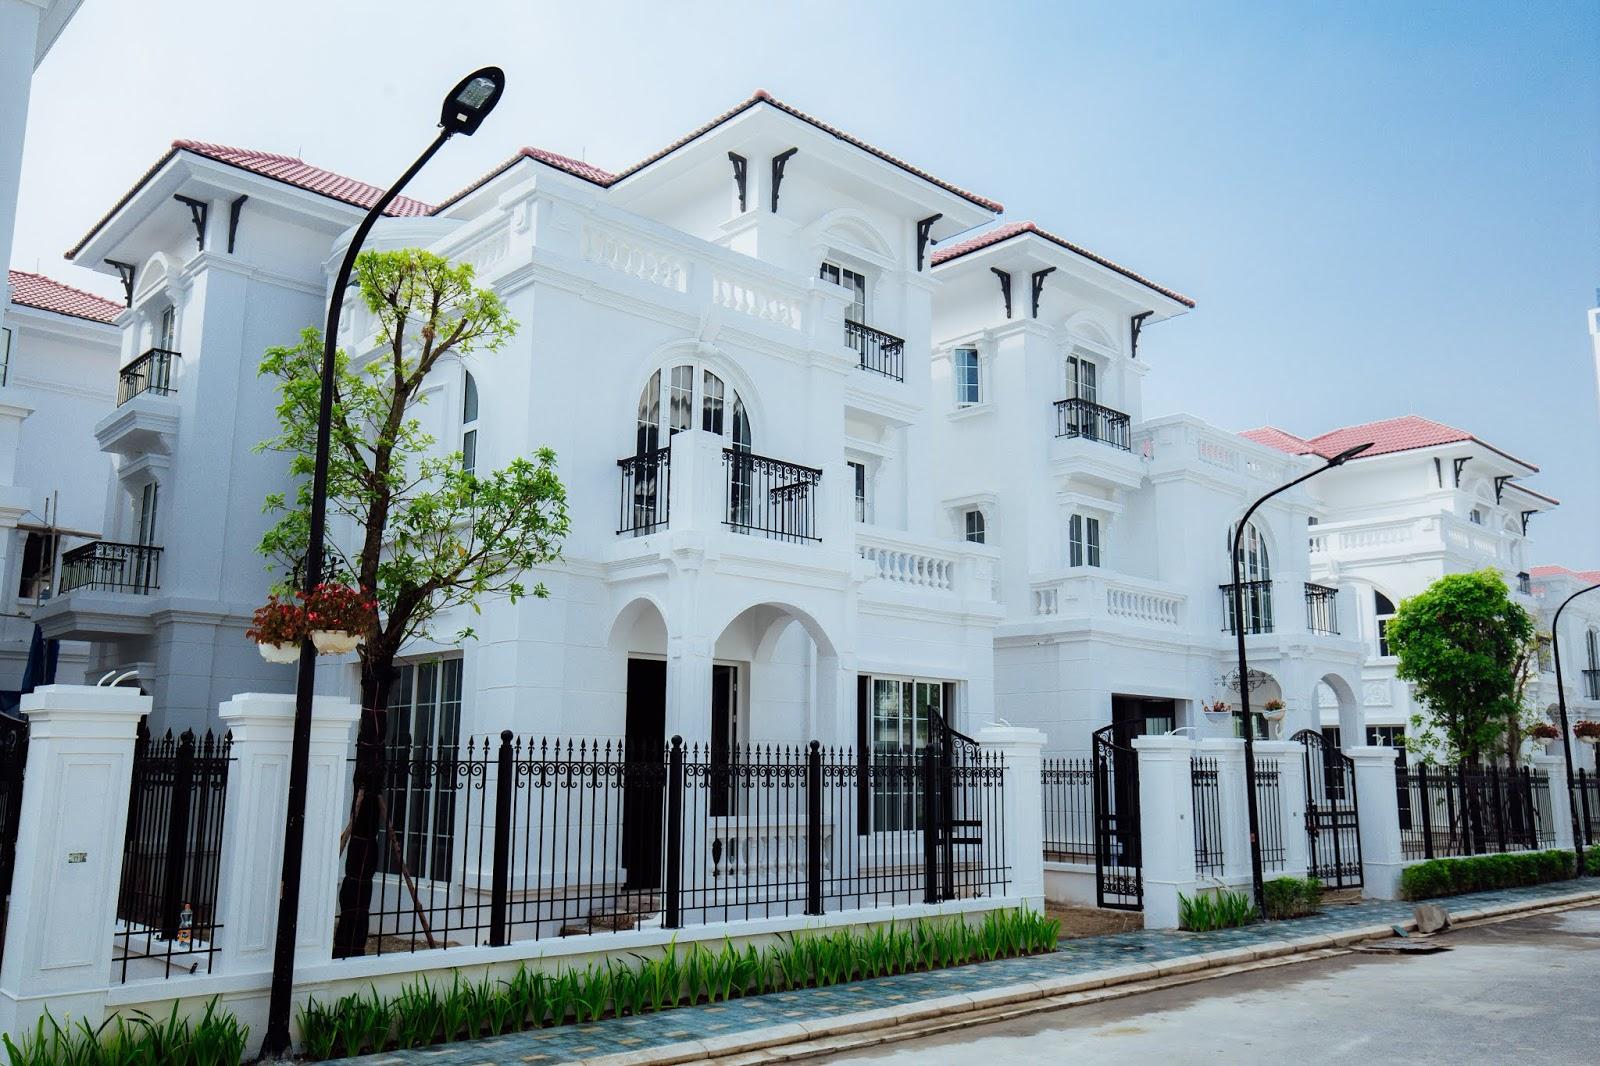 Cập nhật giá bán lại các căn Biệt thự, Shophouse tại dự án Embassy Garden hiện tại